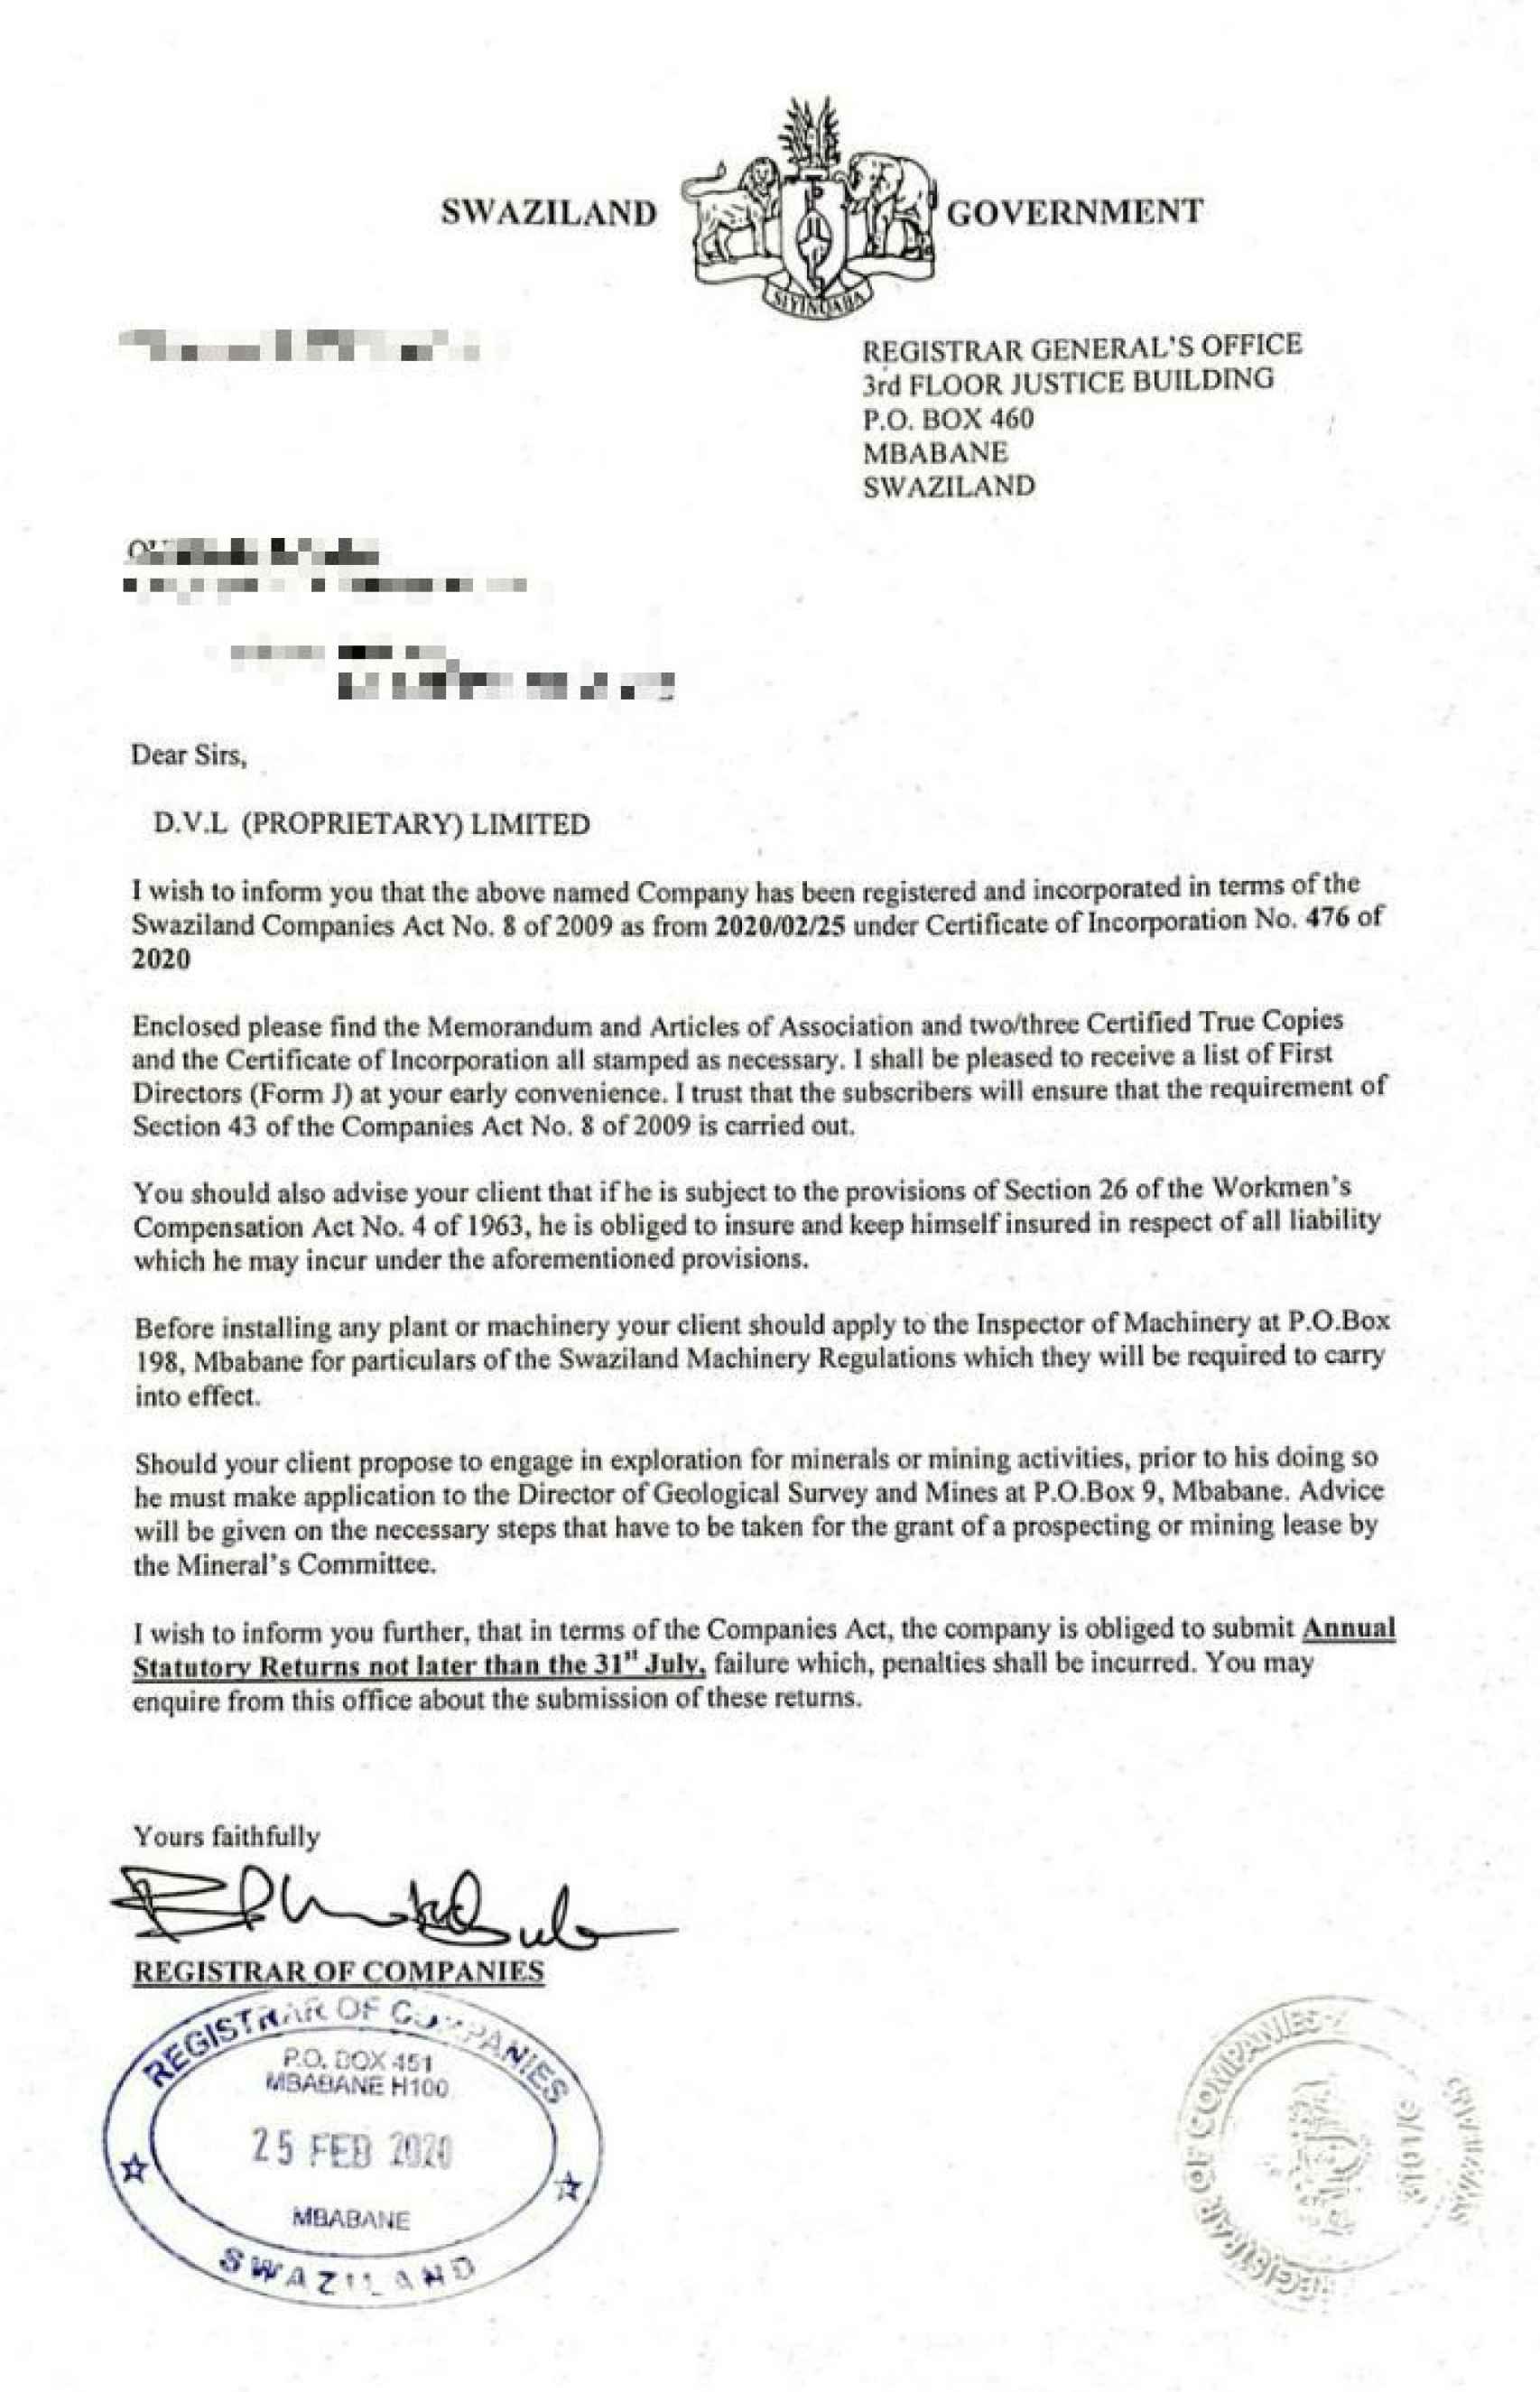 El acuerdo sobre la explotación de la mina que Manuel ha firmado con el Gobierno de Suazilandia.